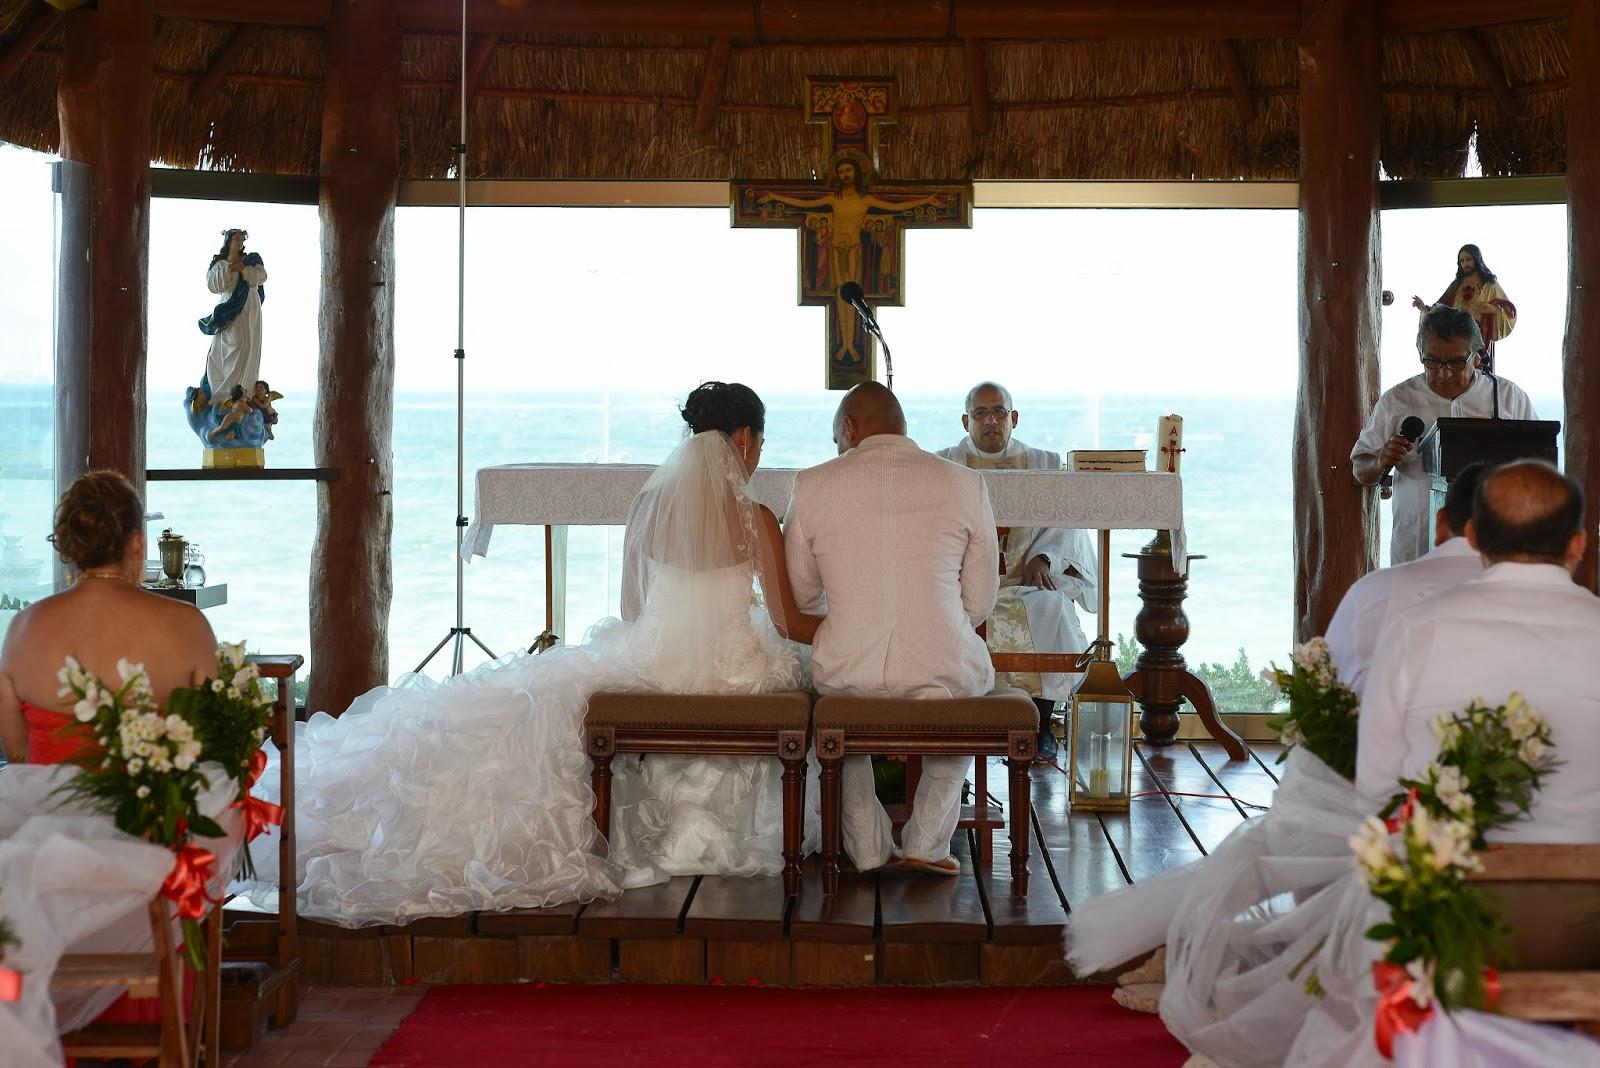 Party boutique canc n boda daly y manuel for Sillas para novios en la iglesia